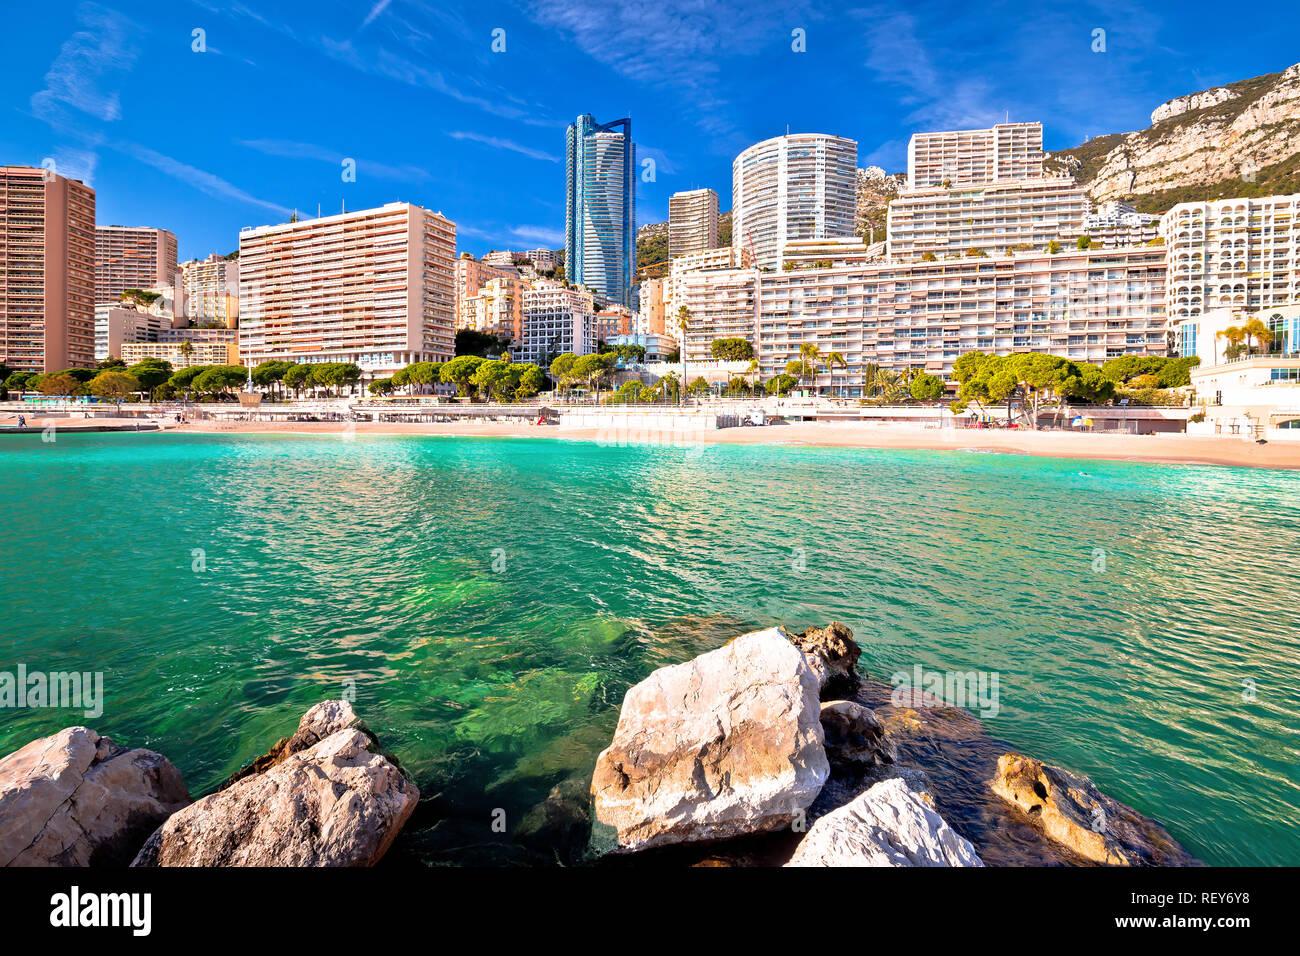 Les Plages skyline e Emerald Beach view, il Principato di Monaco Immagini Stock